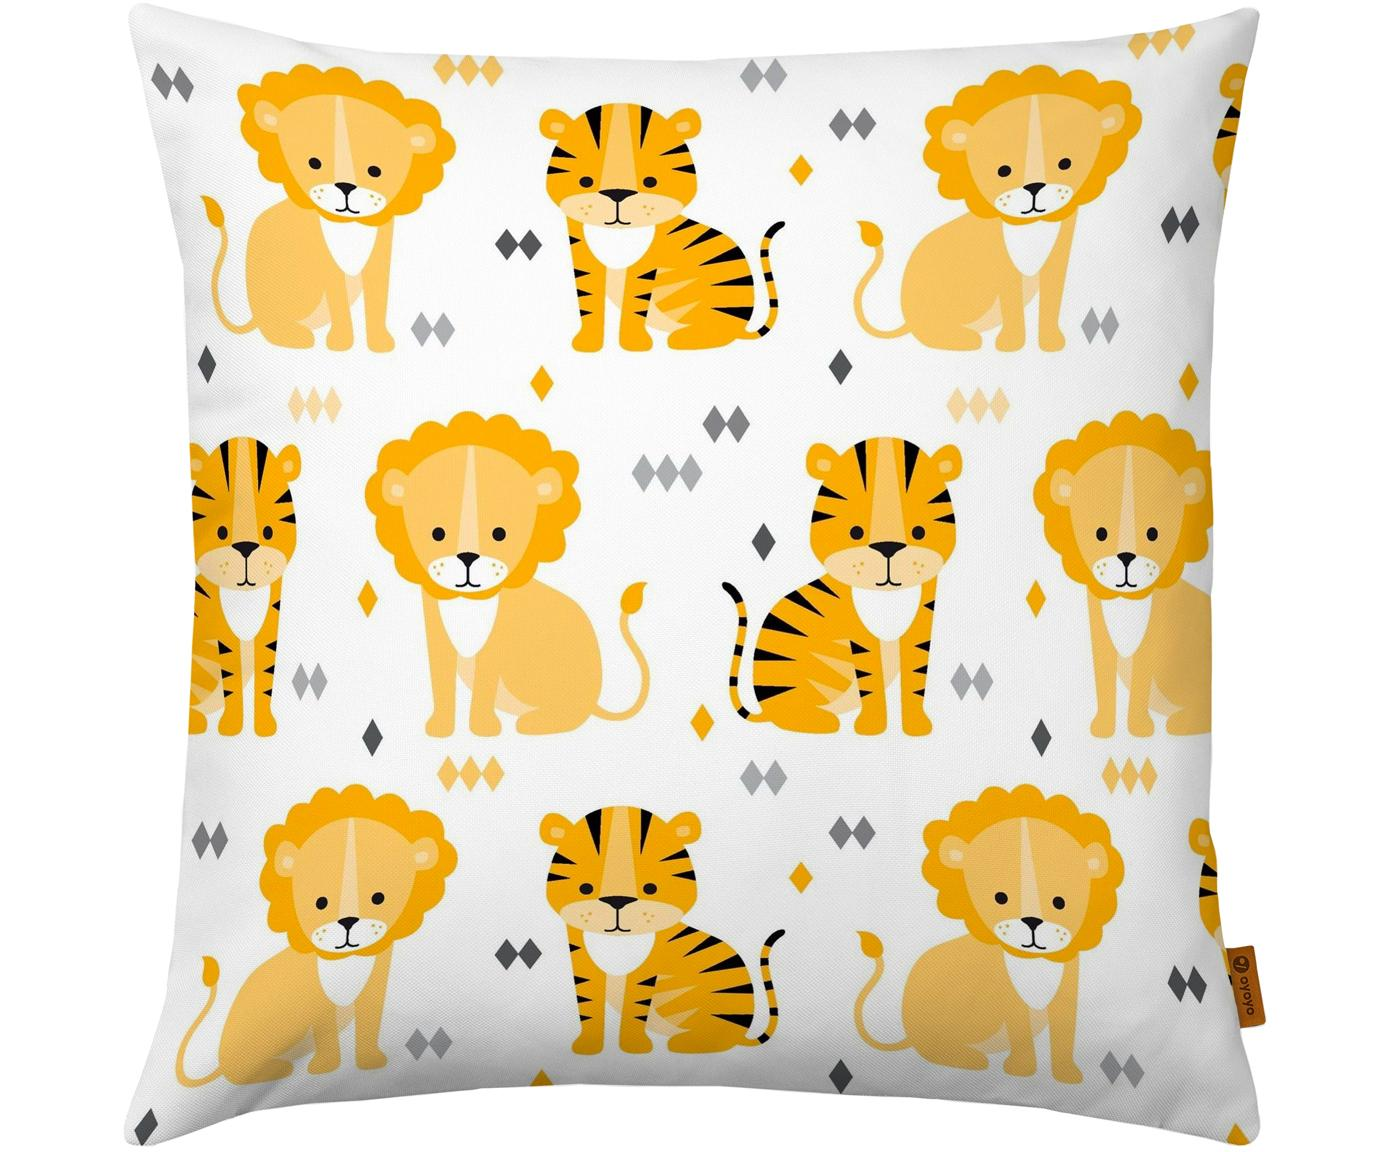 Kissenhülle Lion and Tiger, Baumwolle, Weiss, Gelb, Orange, Grau, Schwarz, 40 x 40 cm